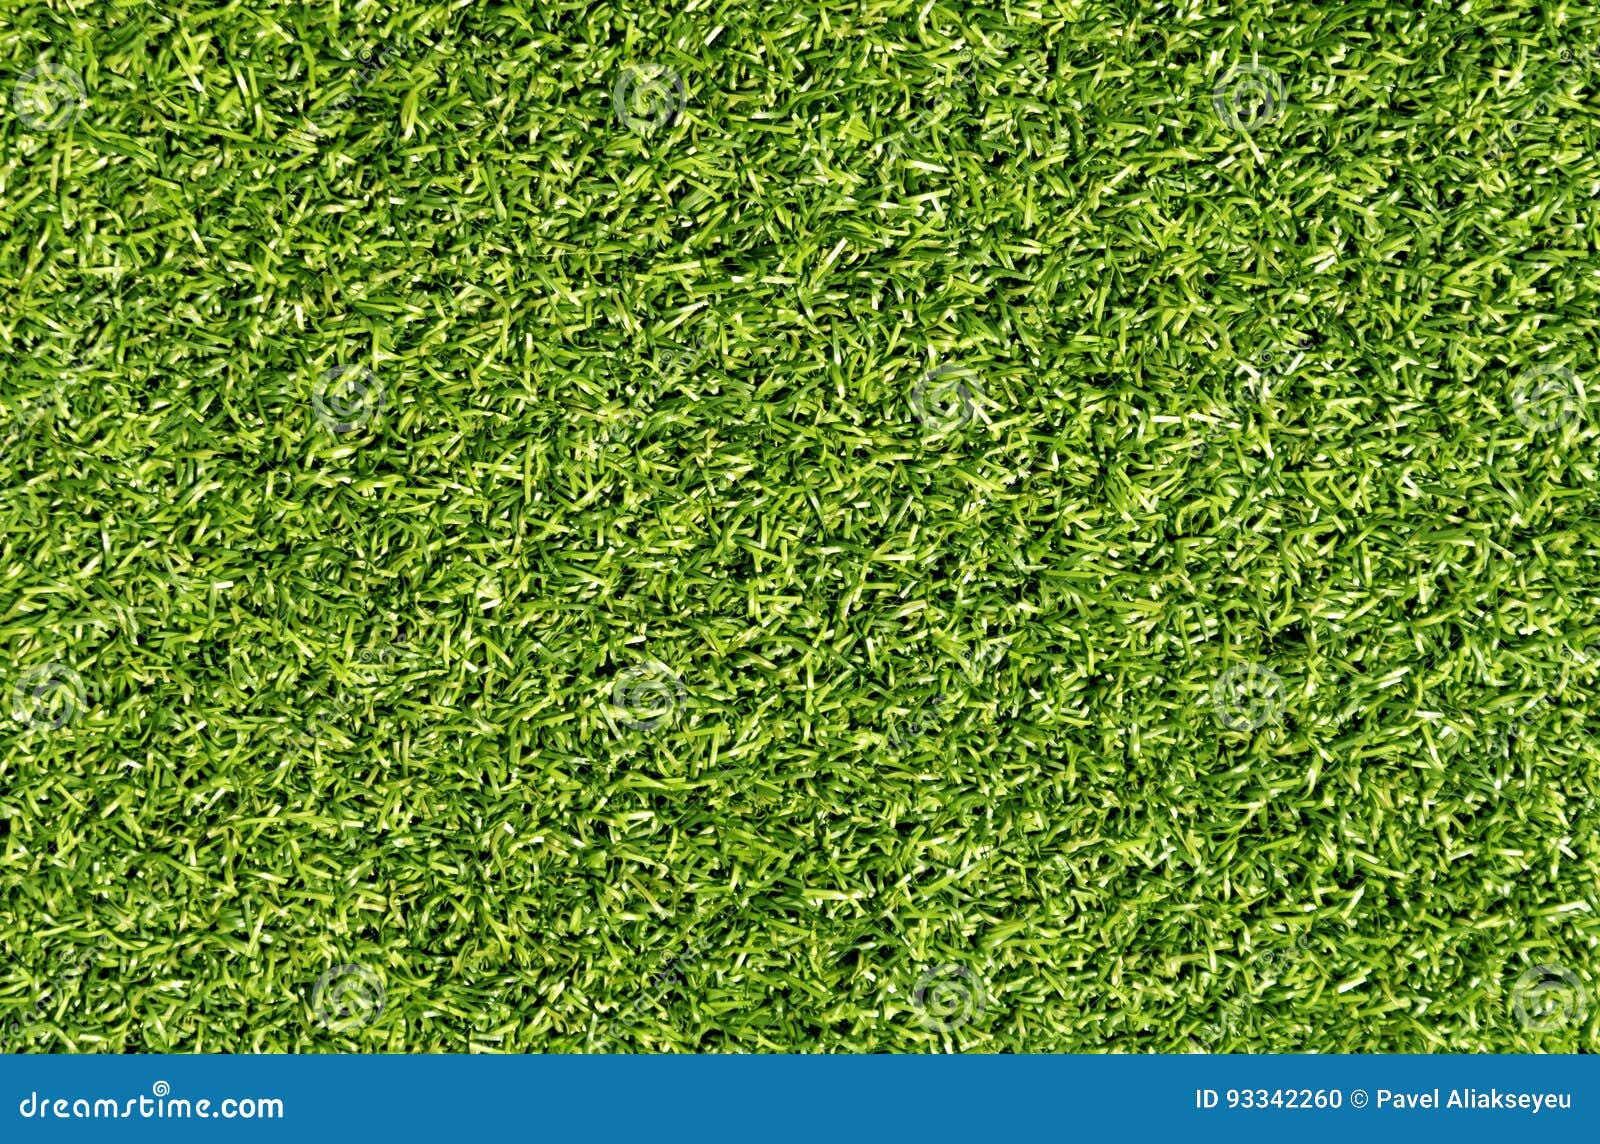 Dekorativt gräslån för grön färg för sport och fritid